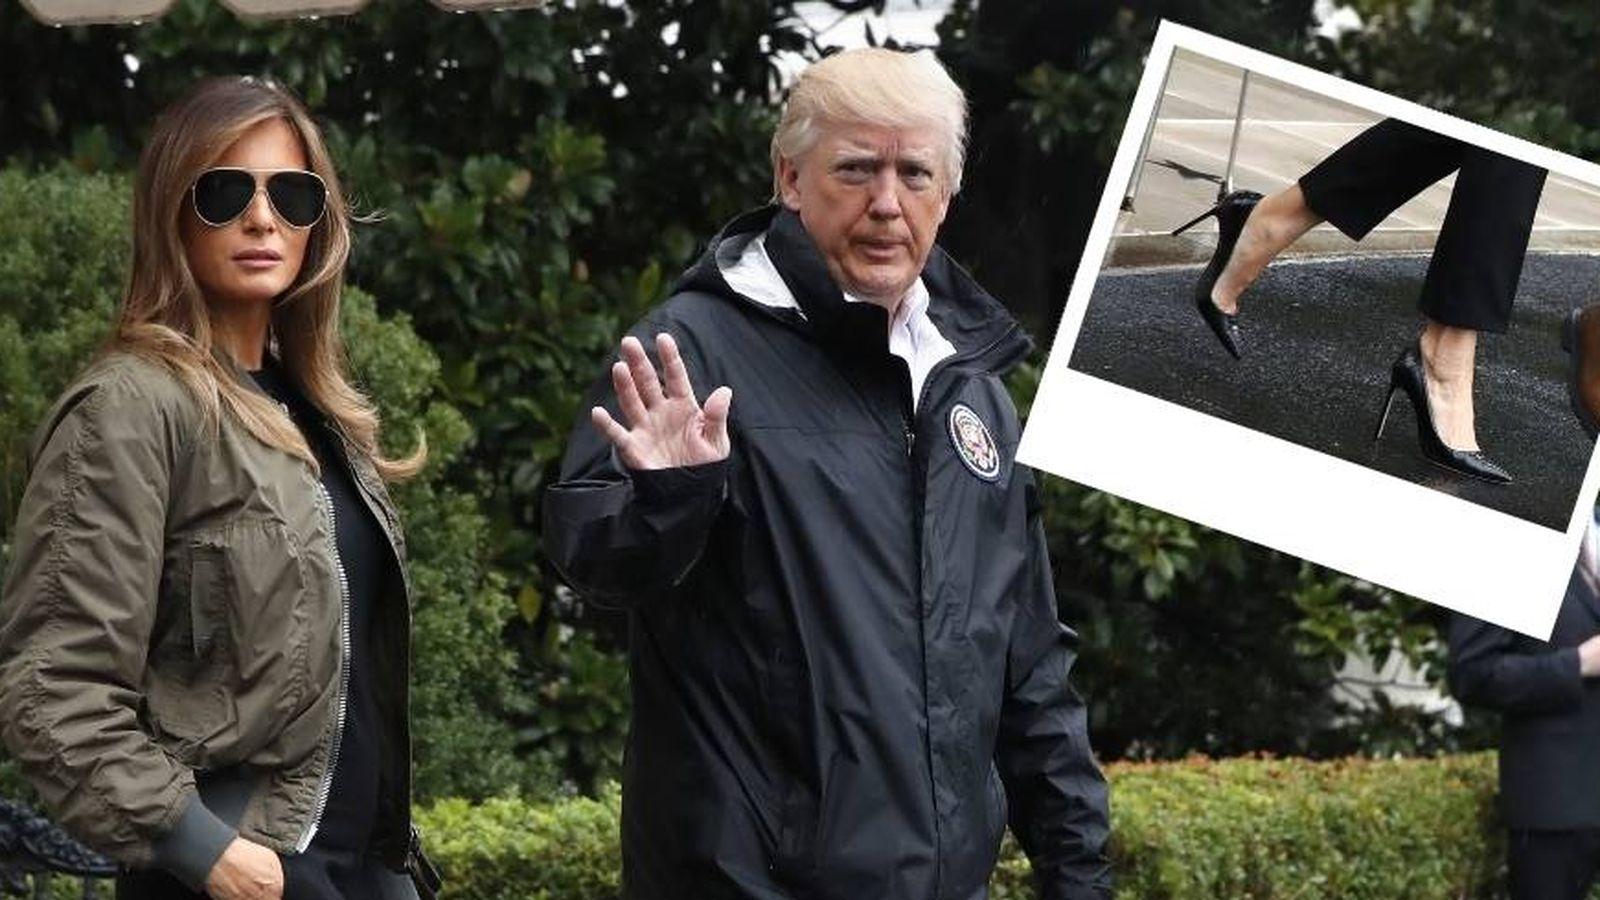 Foto: Melania Trump, su marido y sus tacones en un fotomontaje elaborado por Vanitatis.